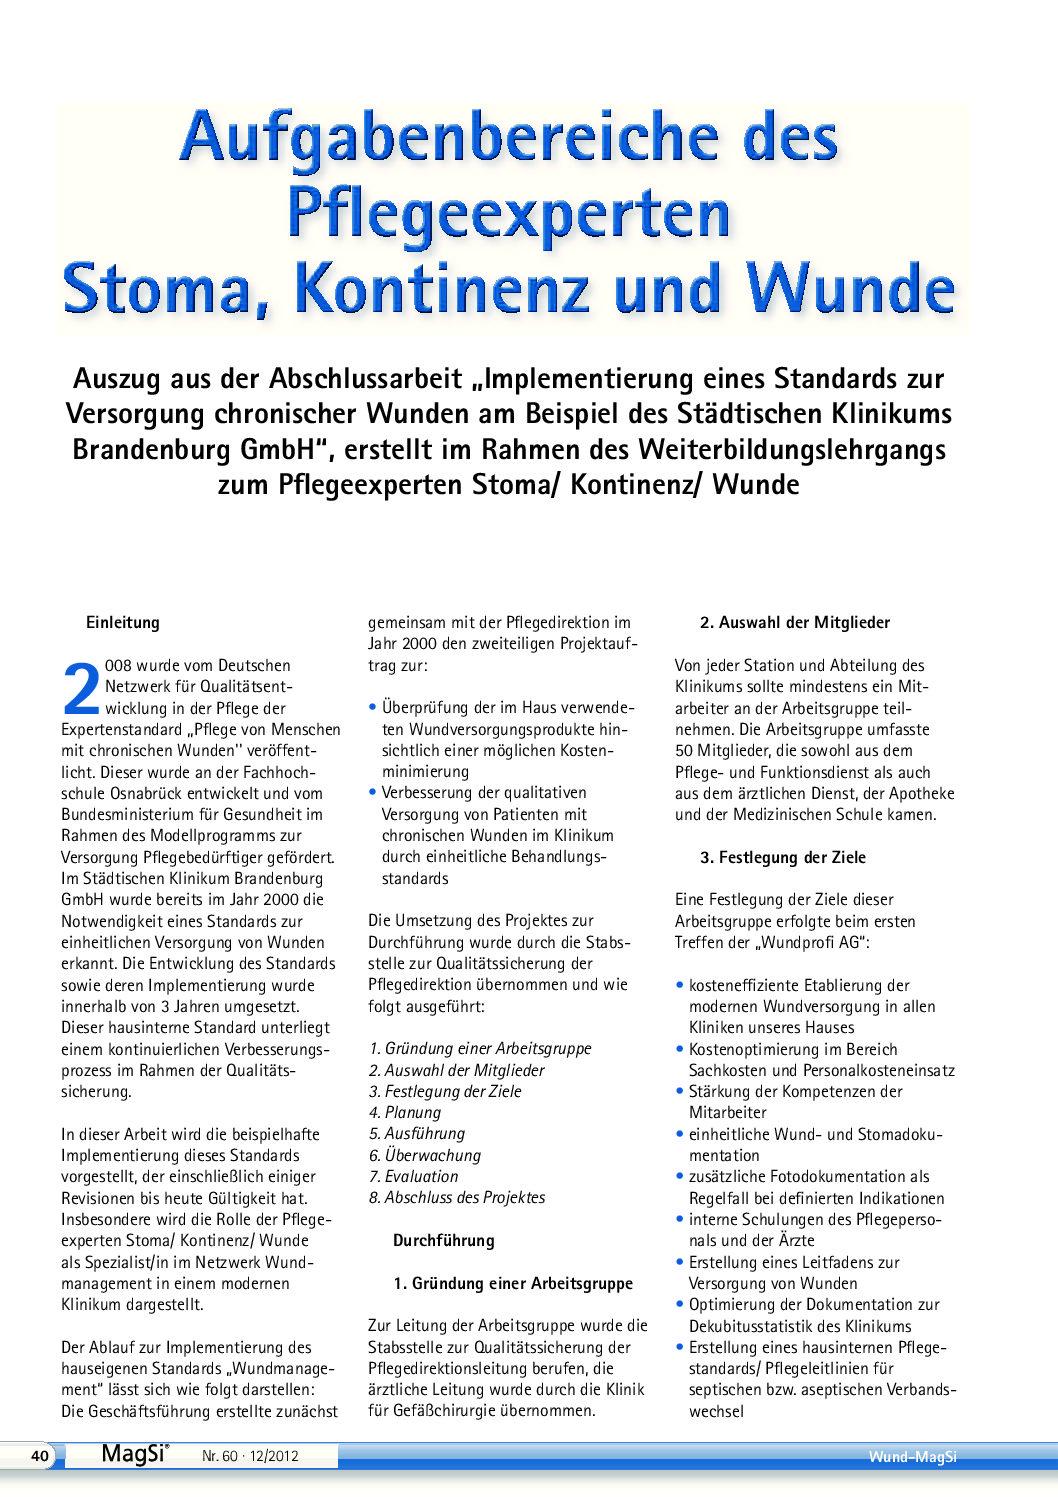 Aufgabenbereich PE SKW PDF